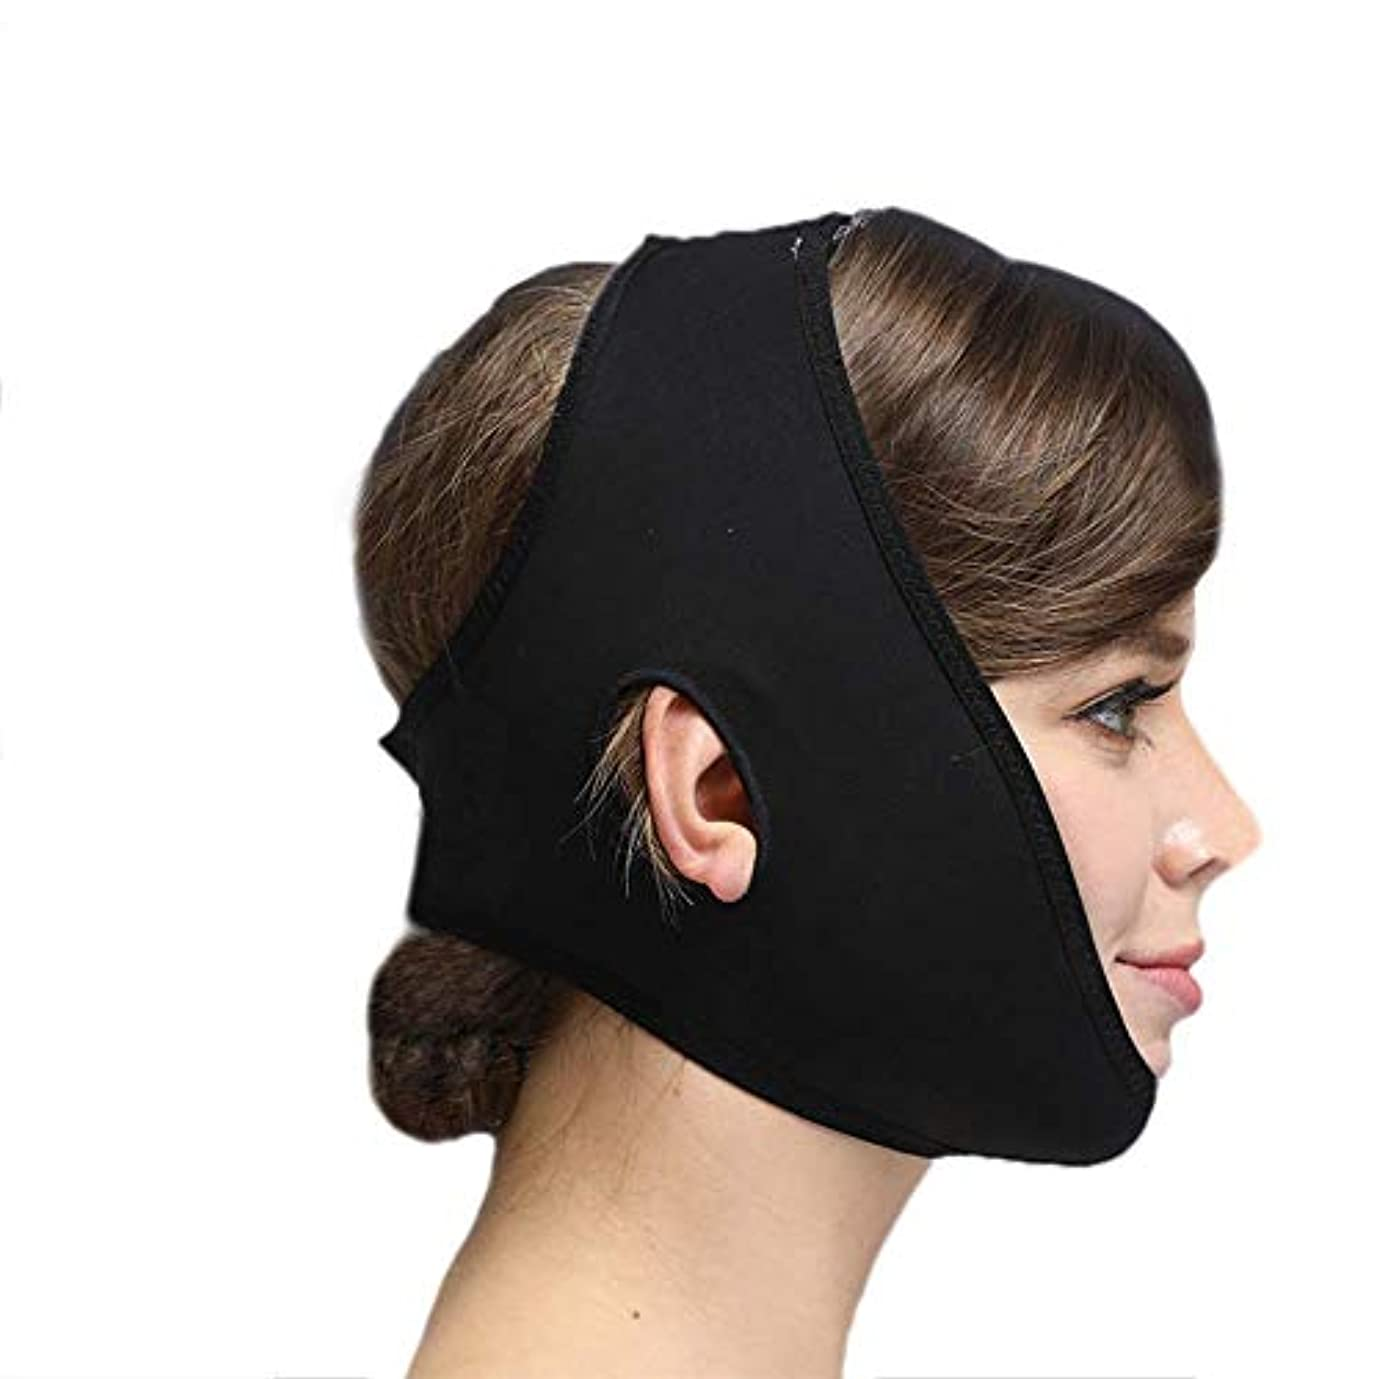 大工徒歩で看板フェイススリミングマスク、快適さと通気性、フェイシャルリフティング、輪郭の改善された硬さ、ファーミングとリフティングフェイス(カラー:ブラック、サイズ:XL),ブラック2、L